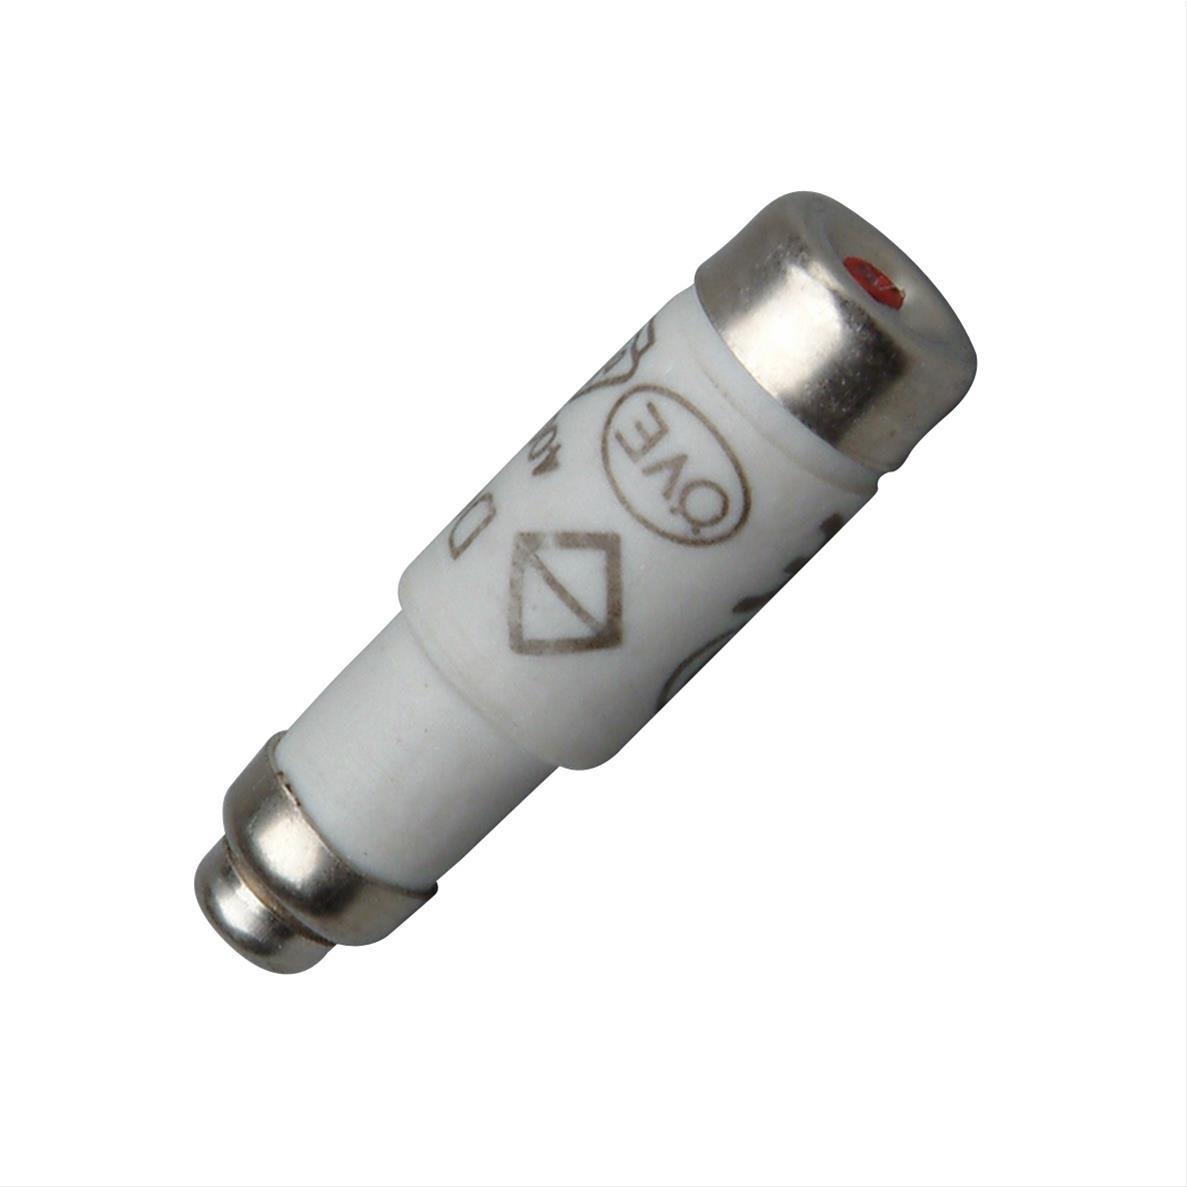 Kopp NEOZED - Sicherungseinsatz 10A  10 Stück Bild 1